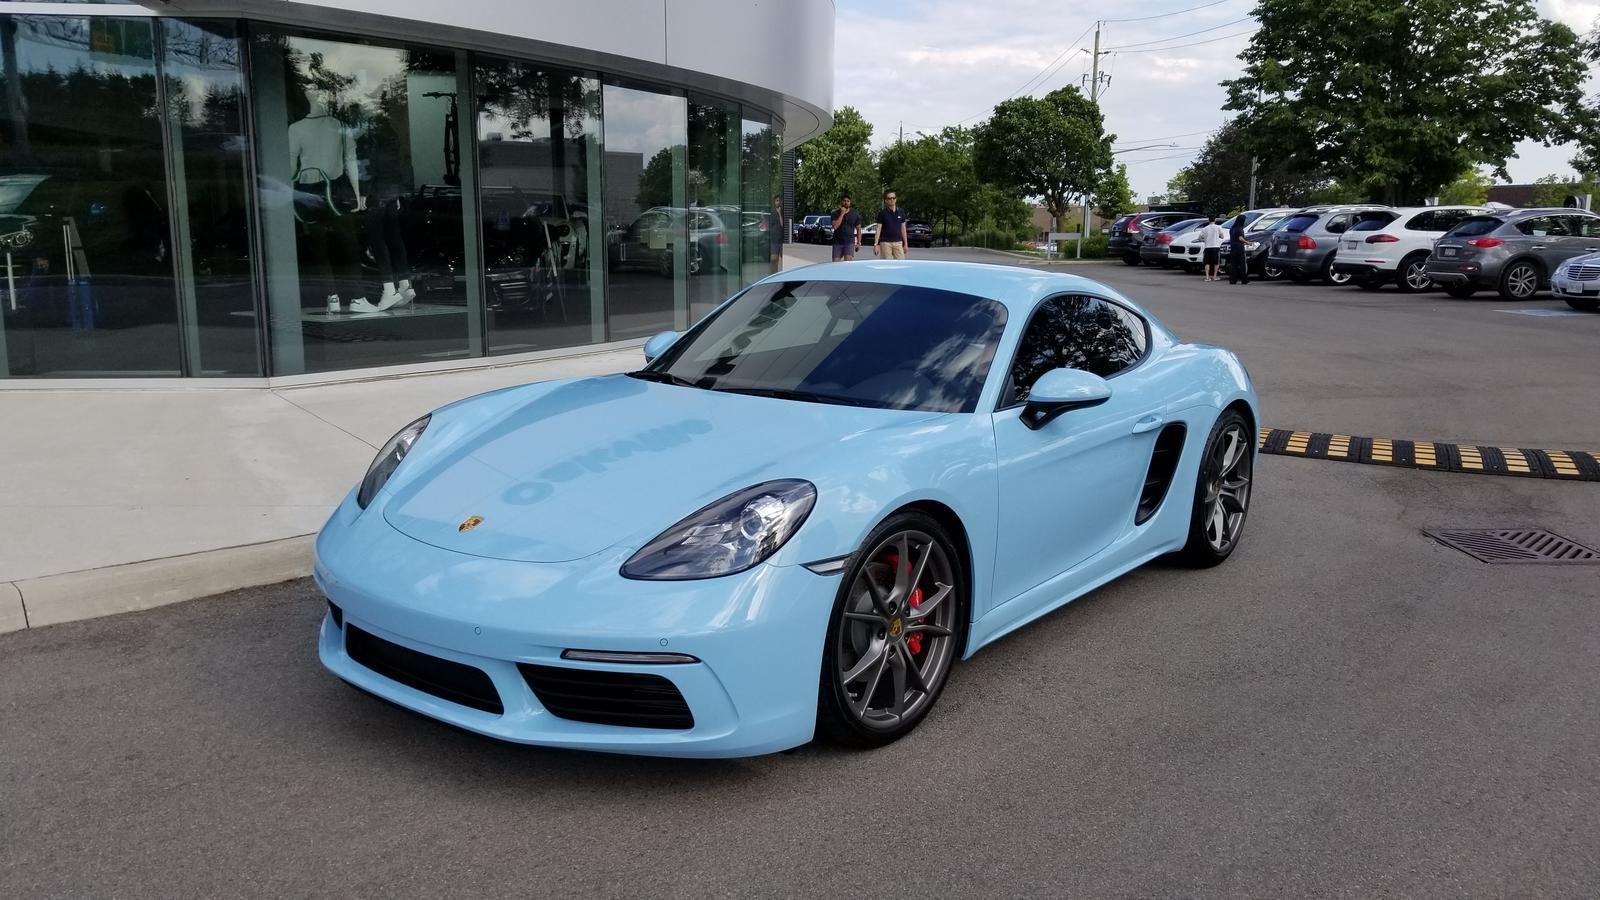 718 Cayman S In Pts Gulf Blue Rennlist Porsche Discussion Forums Cayman S Porsche Porsche Cayman S